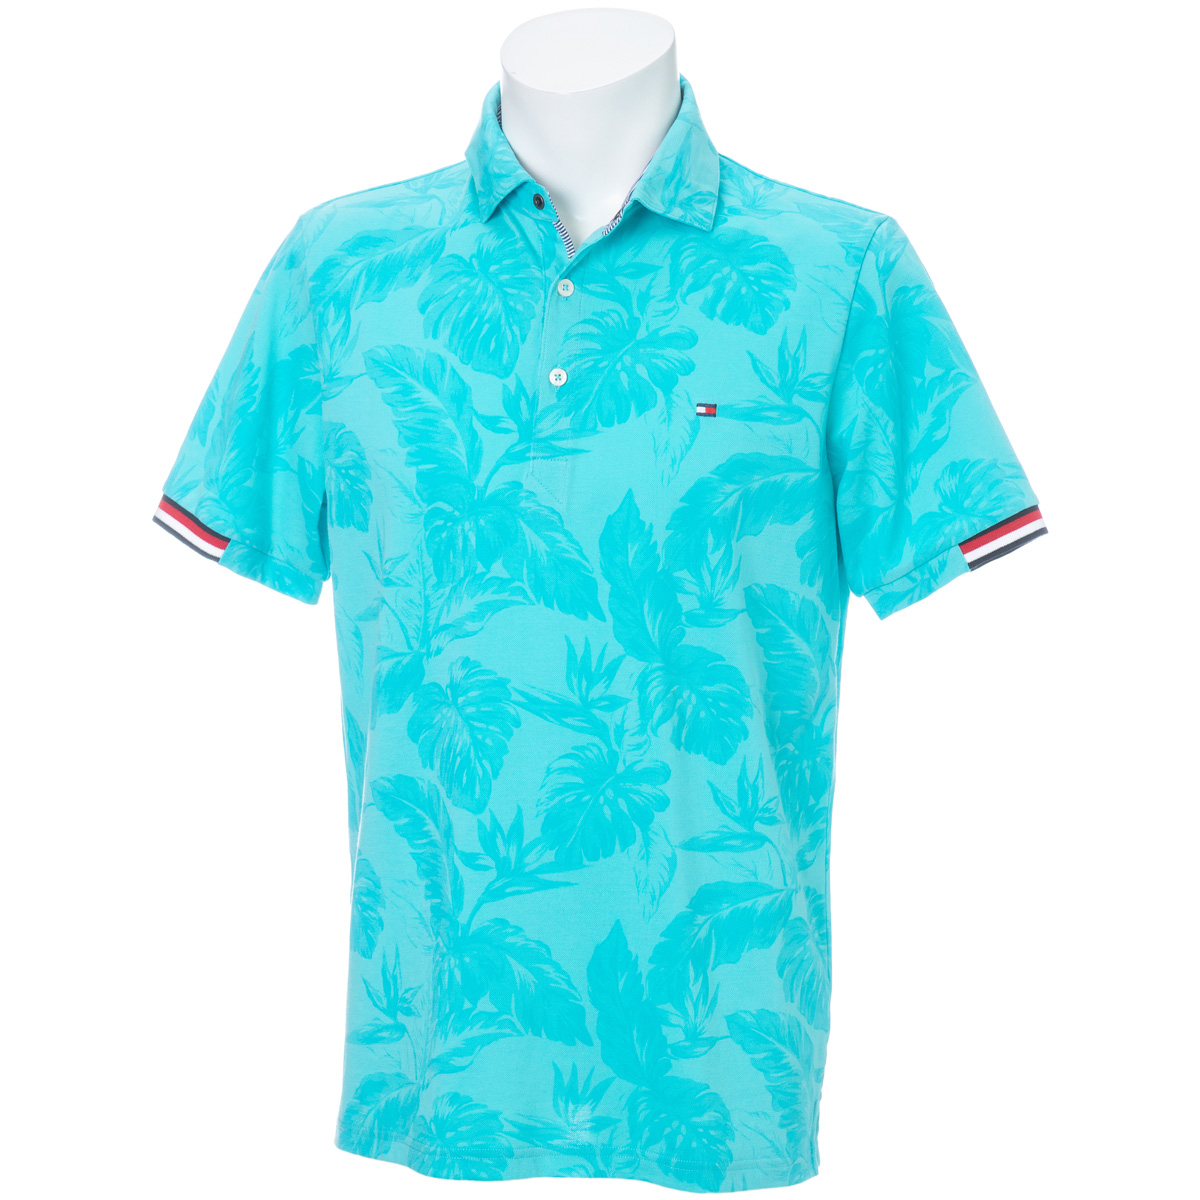 LEAF-PRINTED 半袖ポロシャツ